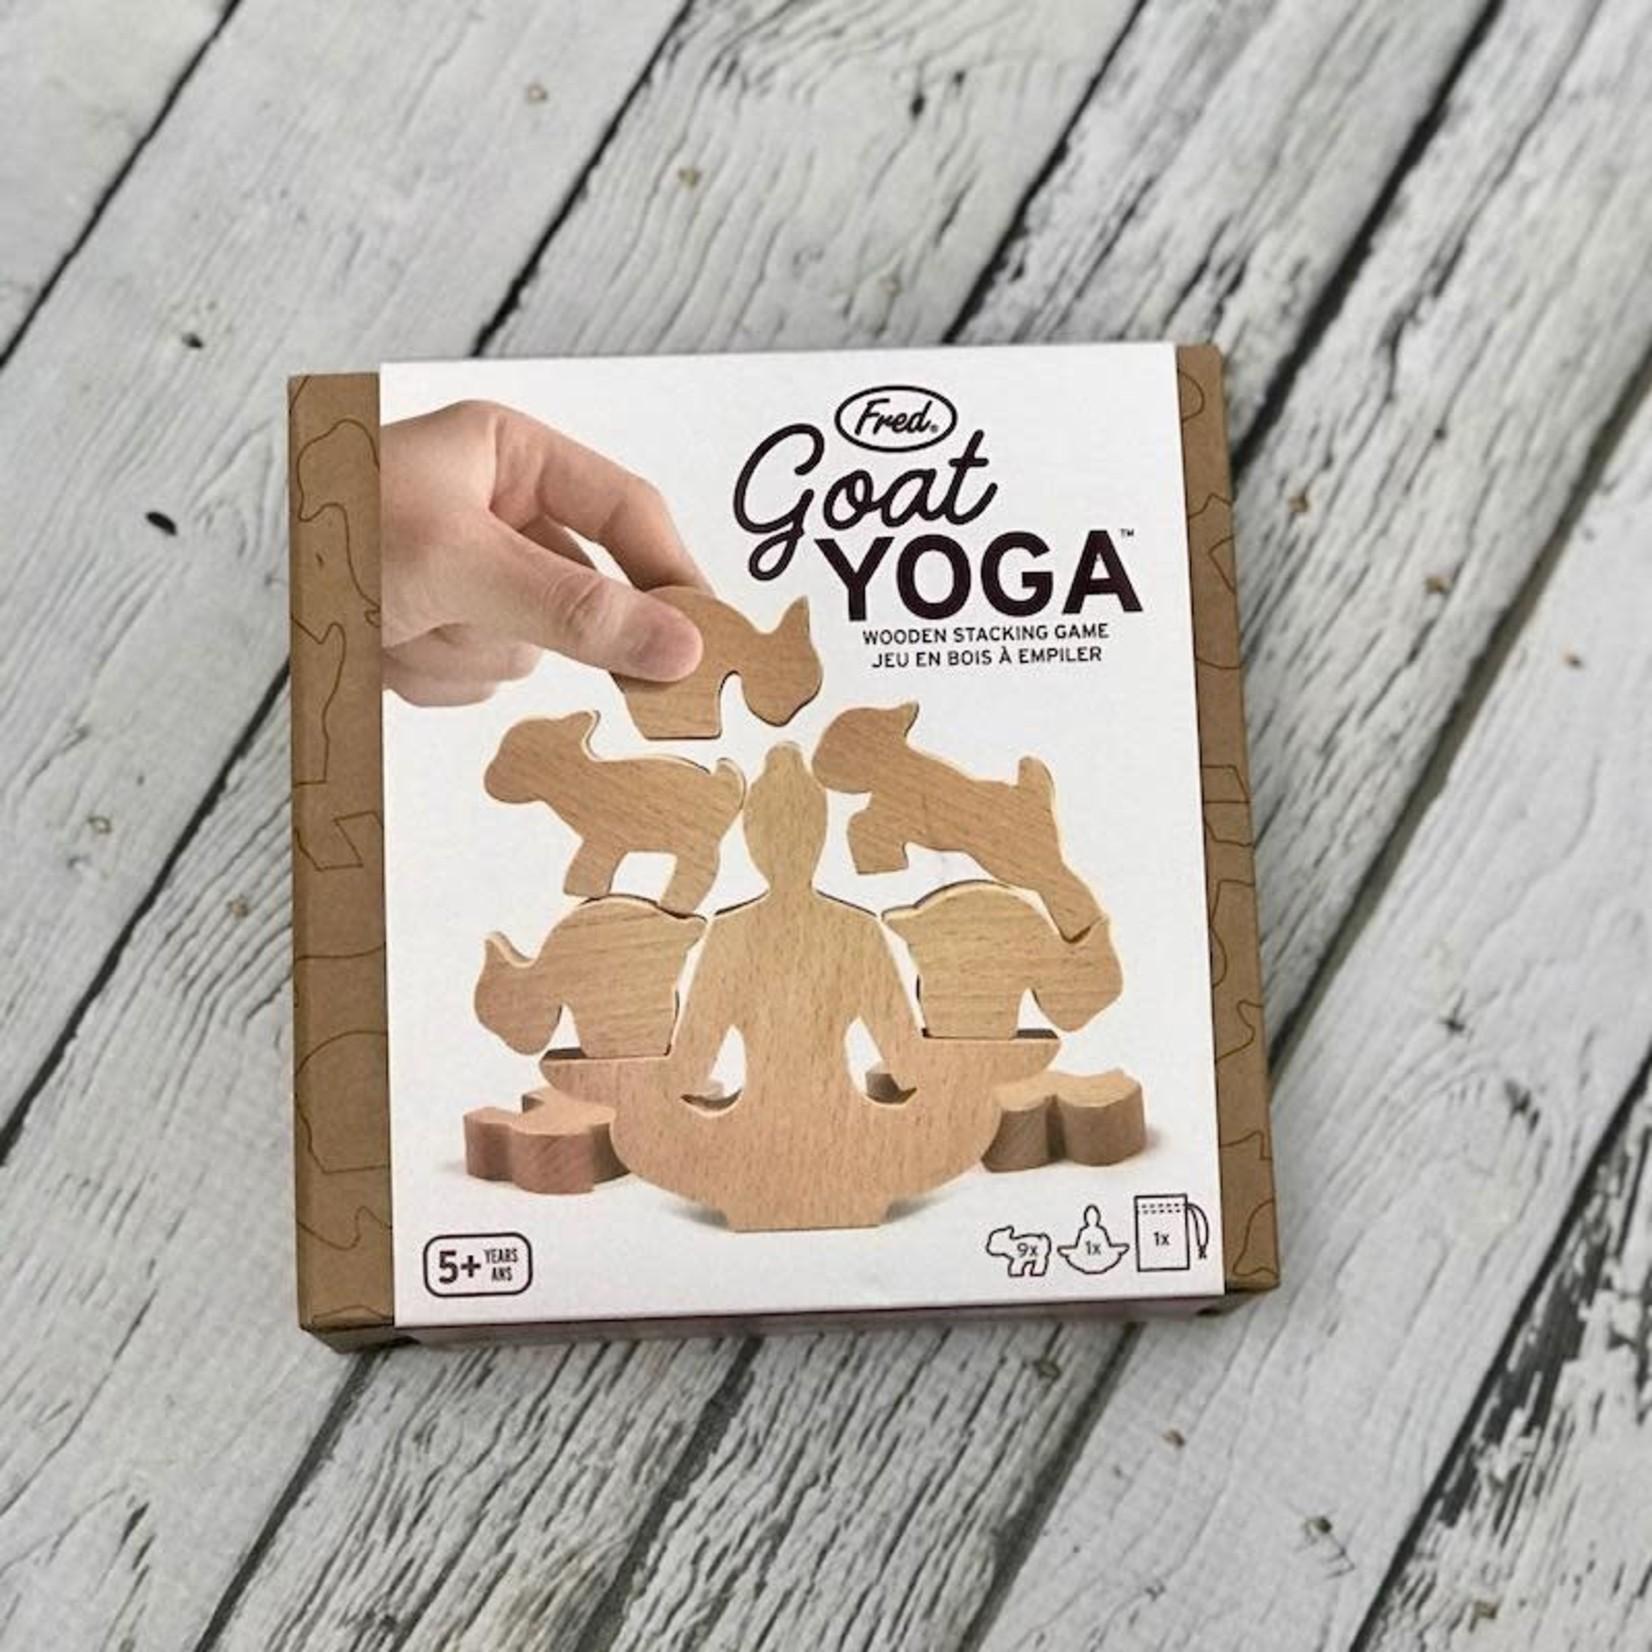 Stacking Goat Yoga Game